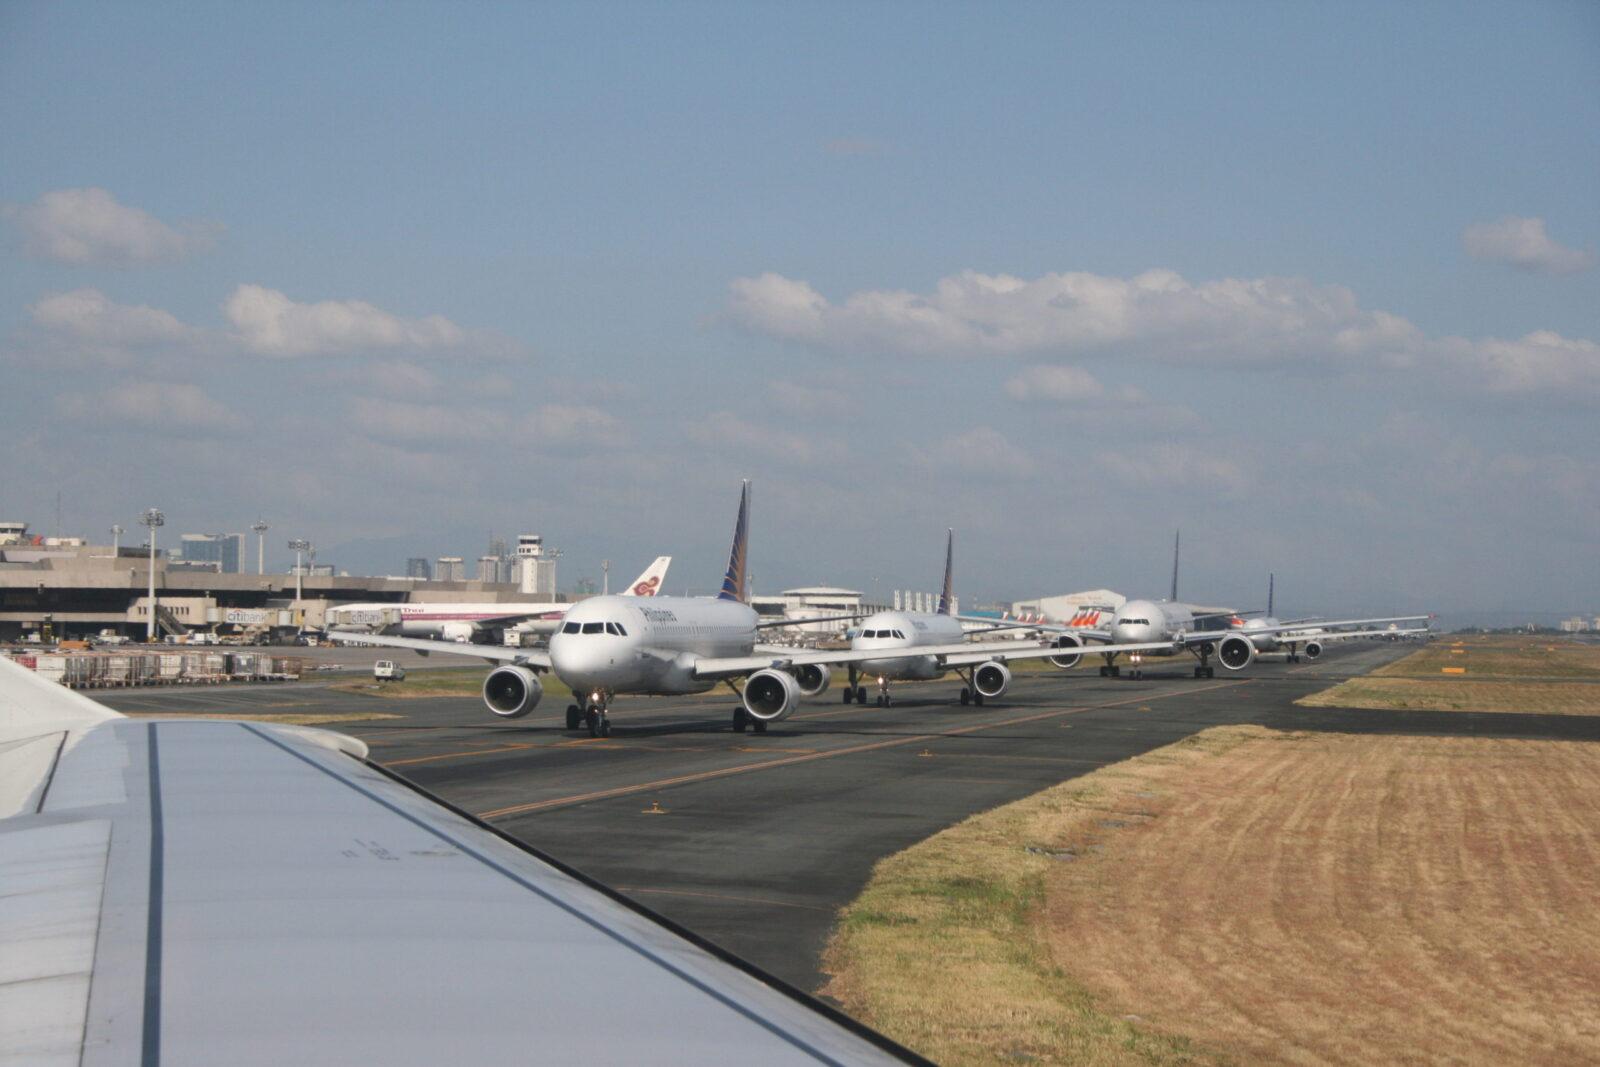 Губернатор Кавите предложил превратить главный аэропорт Филиппин в национальный парк